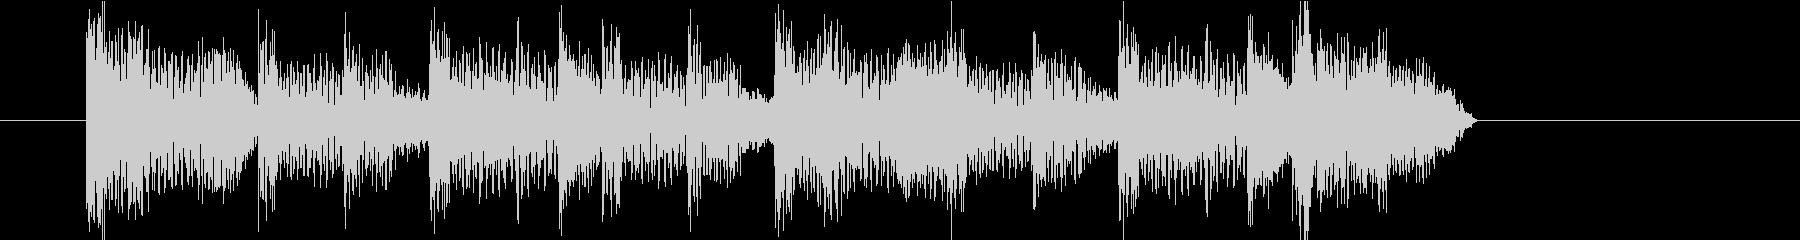 ジングル(ダンス1)の未再生の波形